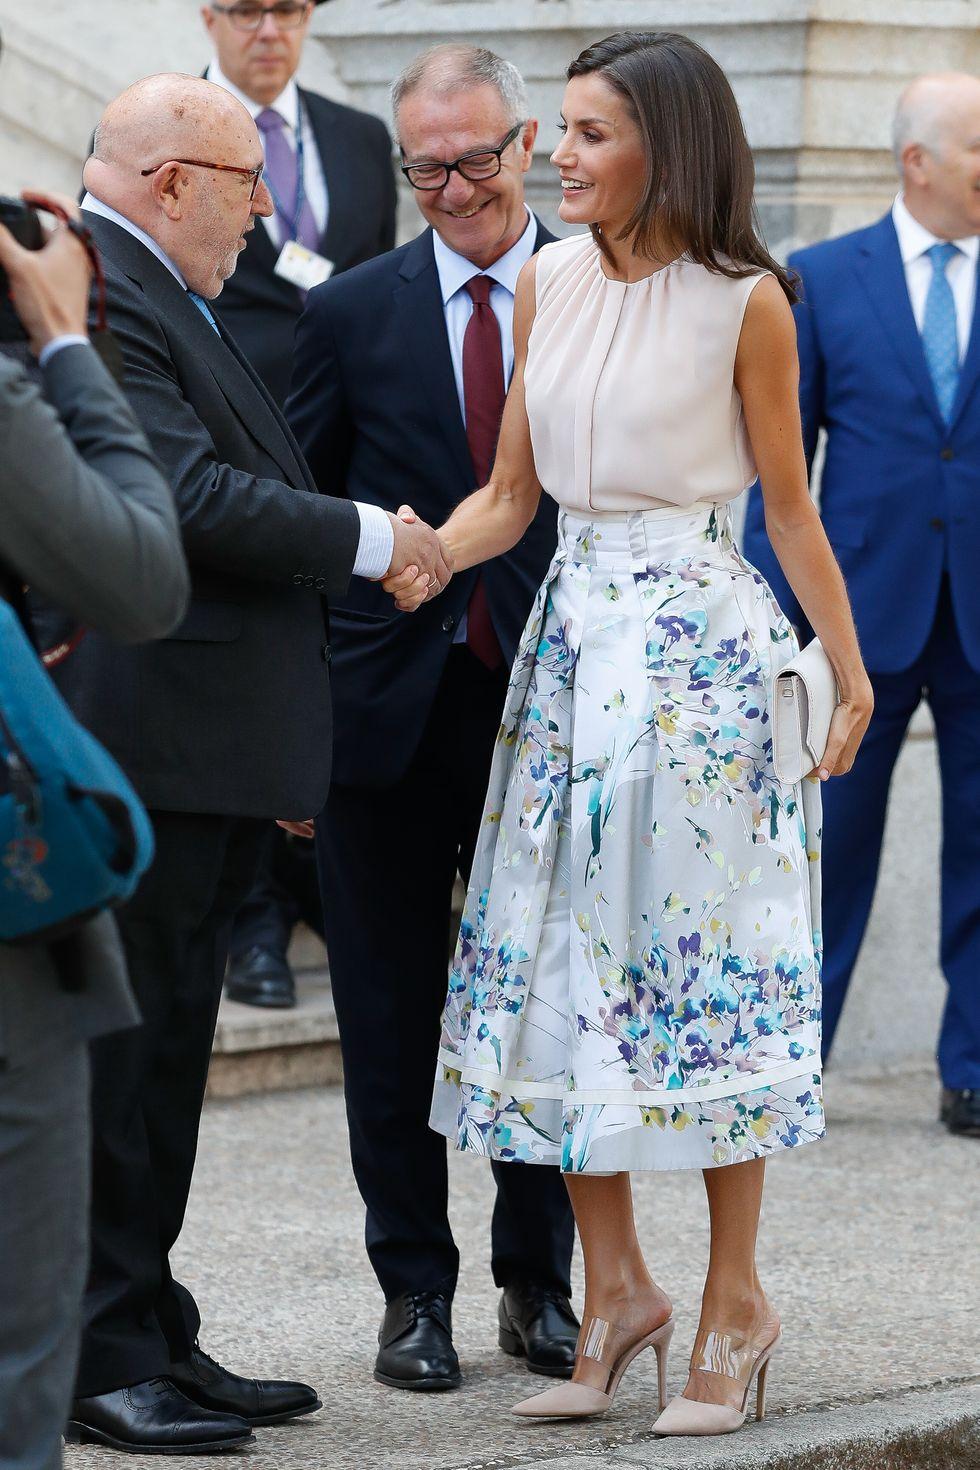 البساطة اهم ما يميز ملكة اسبانيا